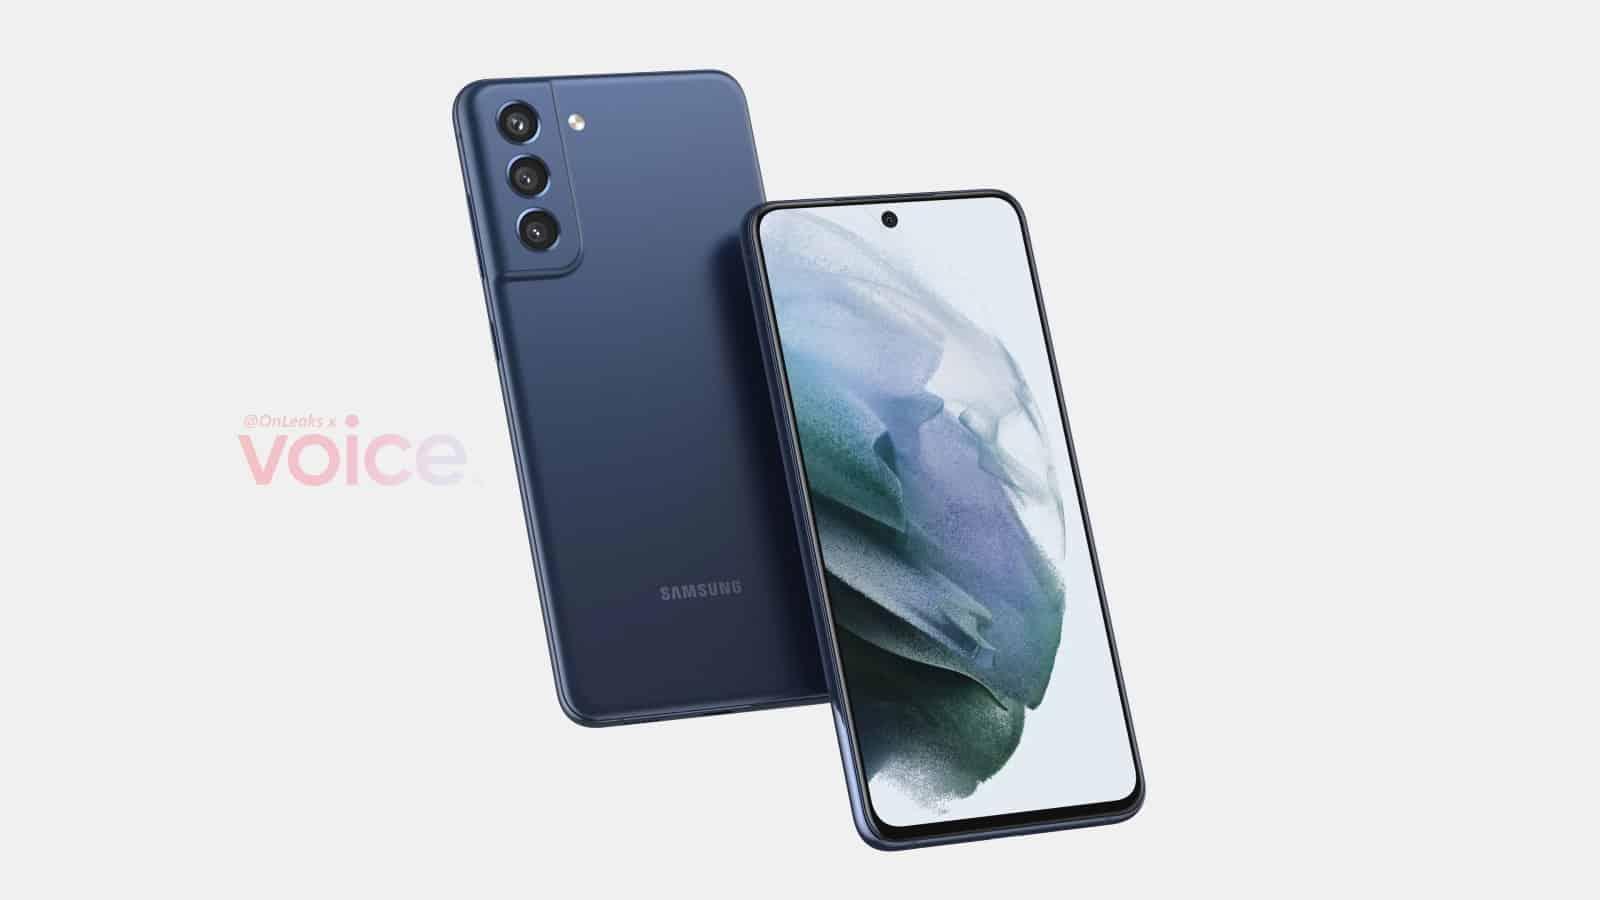 Samsung Galaxy S21 FE kopen, features, review, prijzen, releasedatum